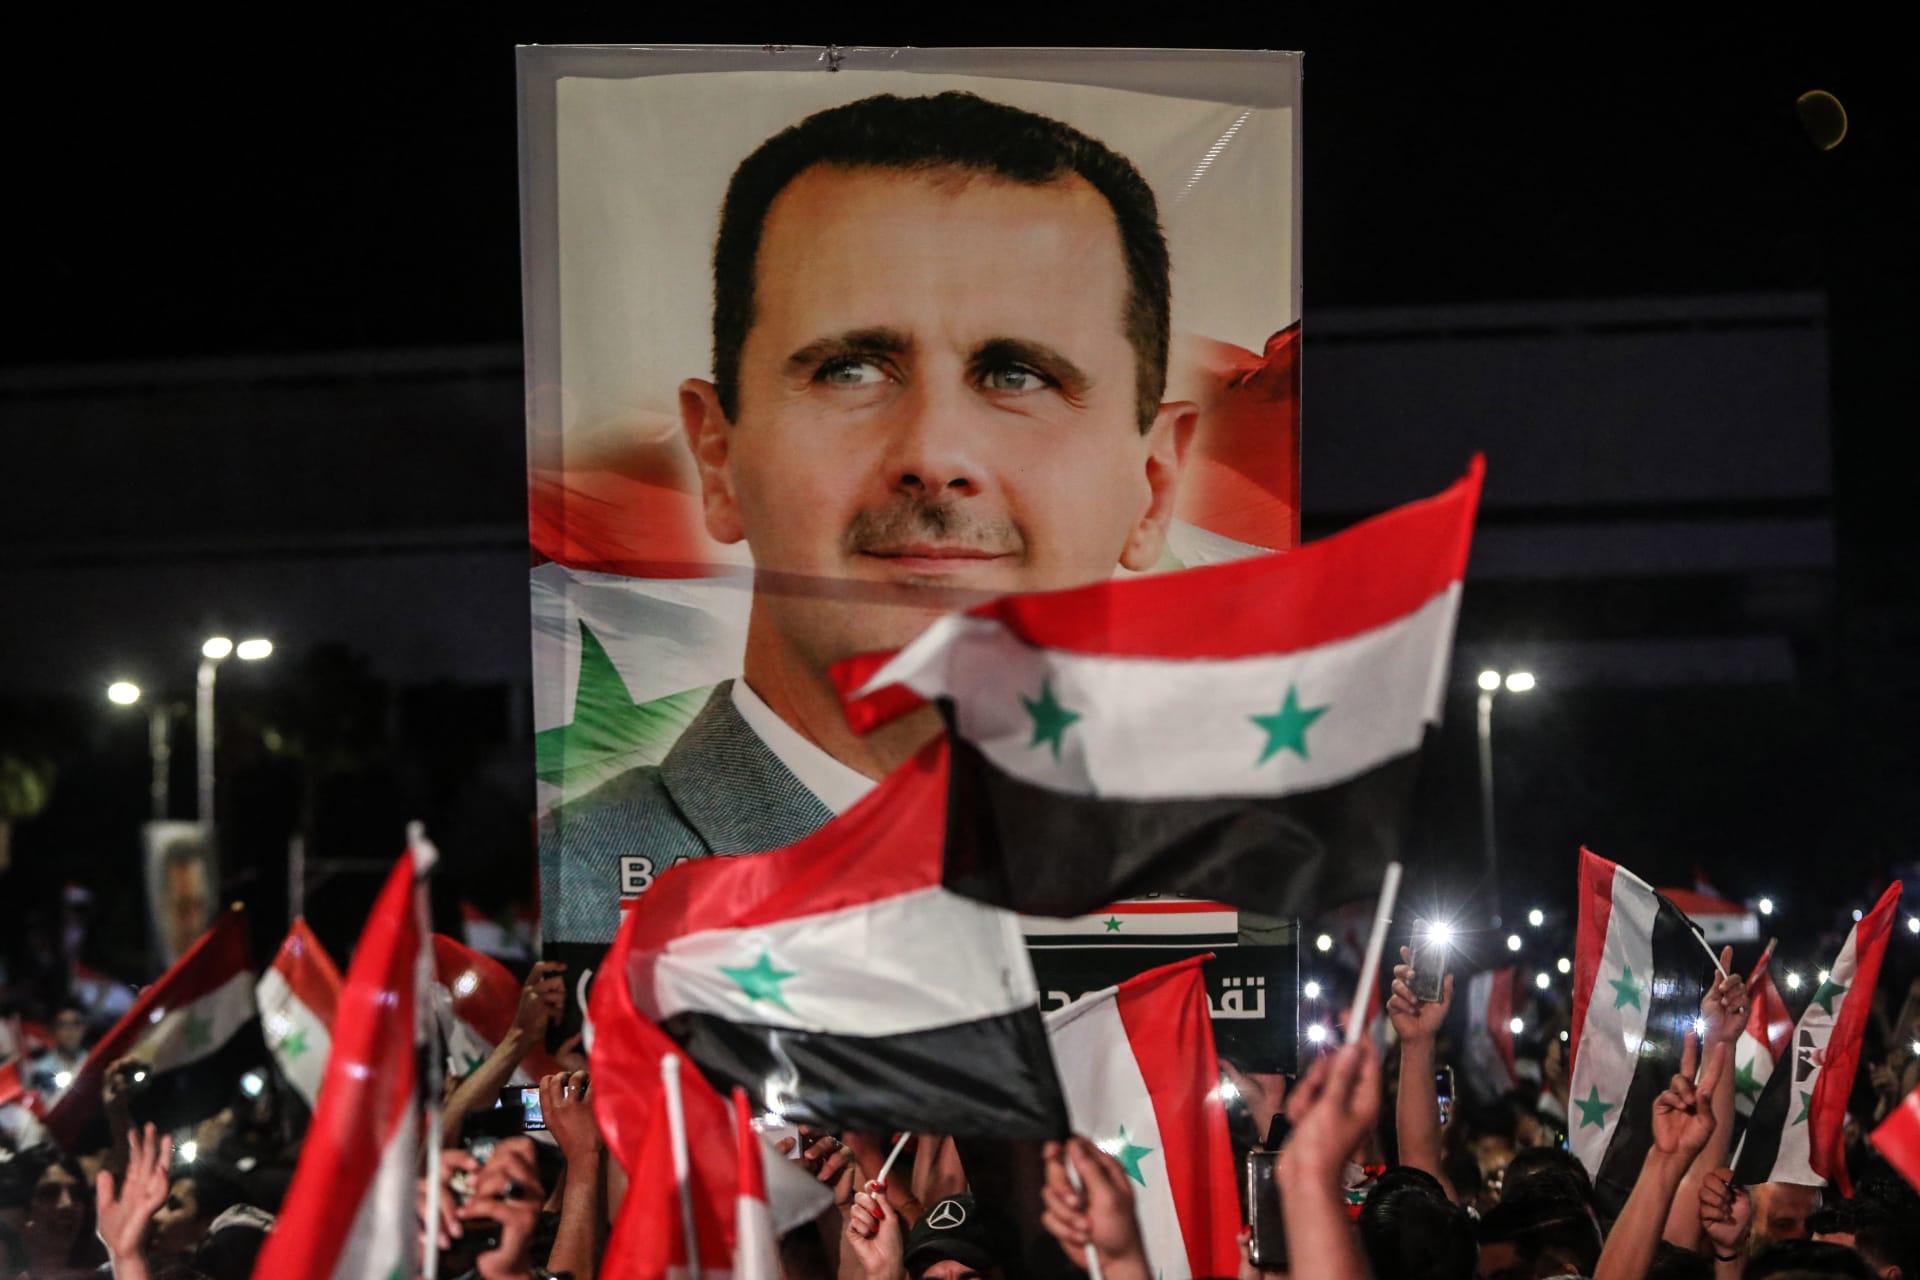 سوريون يلوحون بالأعلام الوطنية ويحملون صورة كبيرة بلرئيس بشار الأسد وهم يحتفلون في شوارع العاصمة دمشق، بعد يوم من الانتخابات